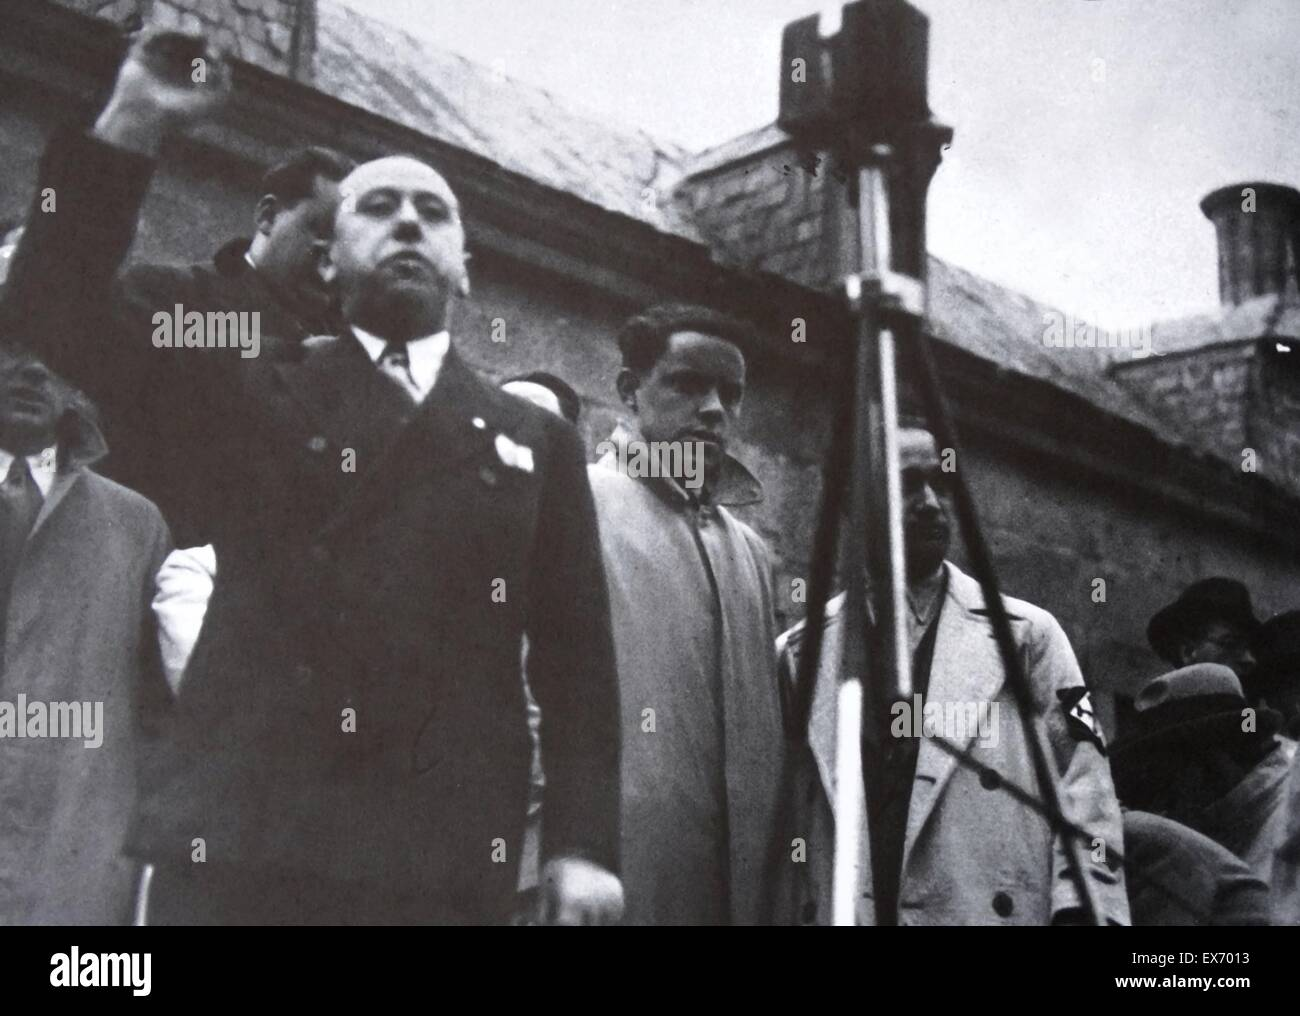 Quinones Stock Photos Images Page 2 Alamy Bros Ju201 Jos Mara Gil Robles Y Quiones De Len Salamanca 27 November 1898